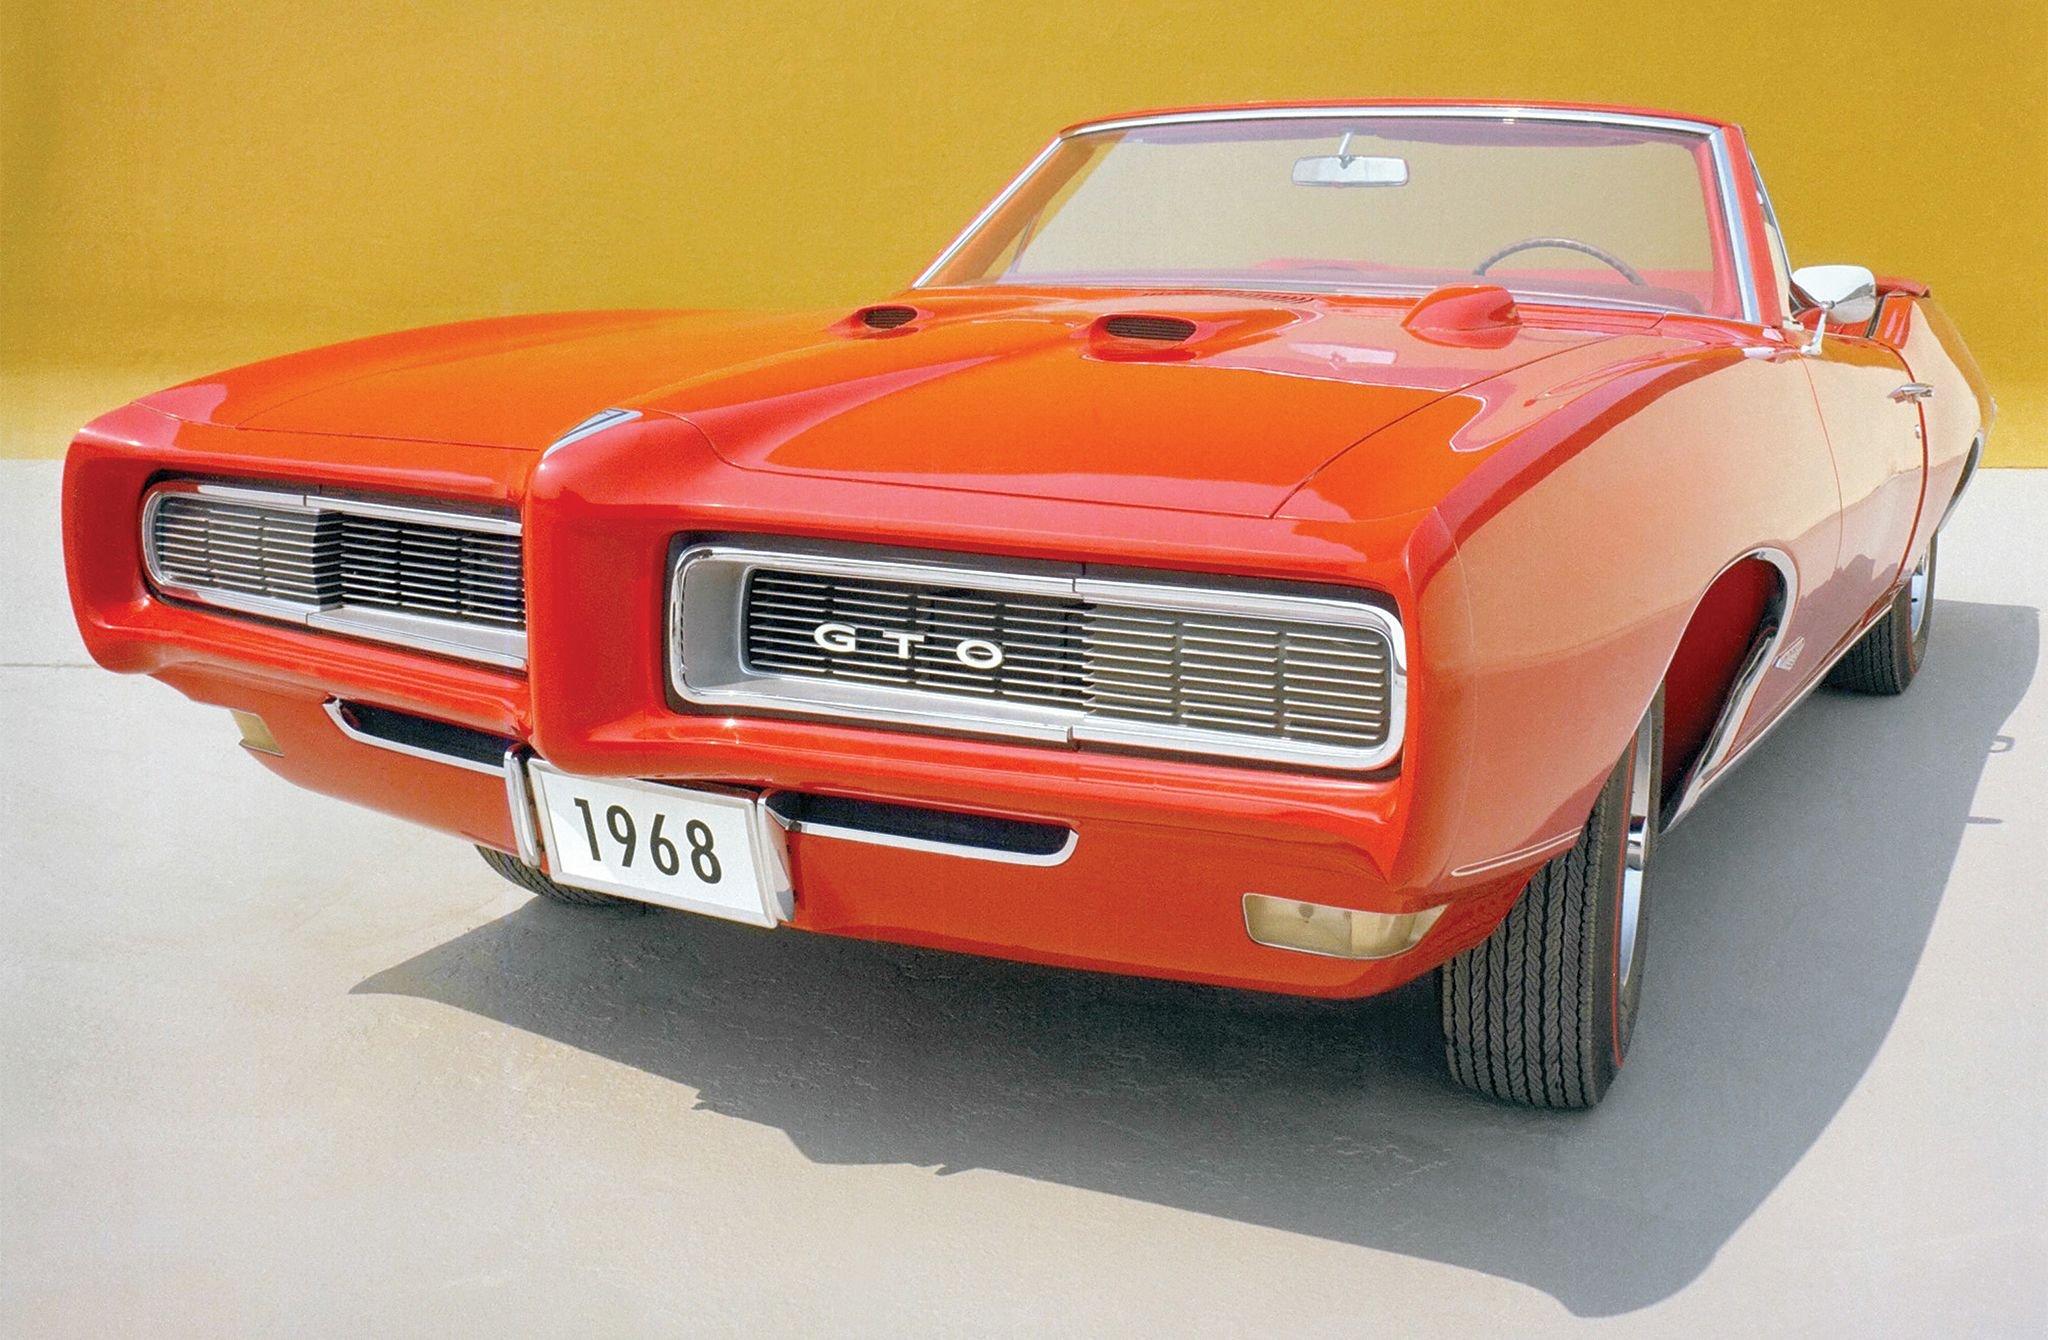 1968 Pontiac GTO Convertible-01 wallpaper